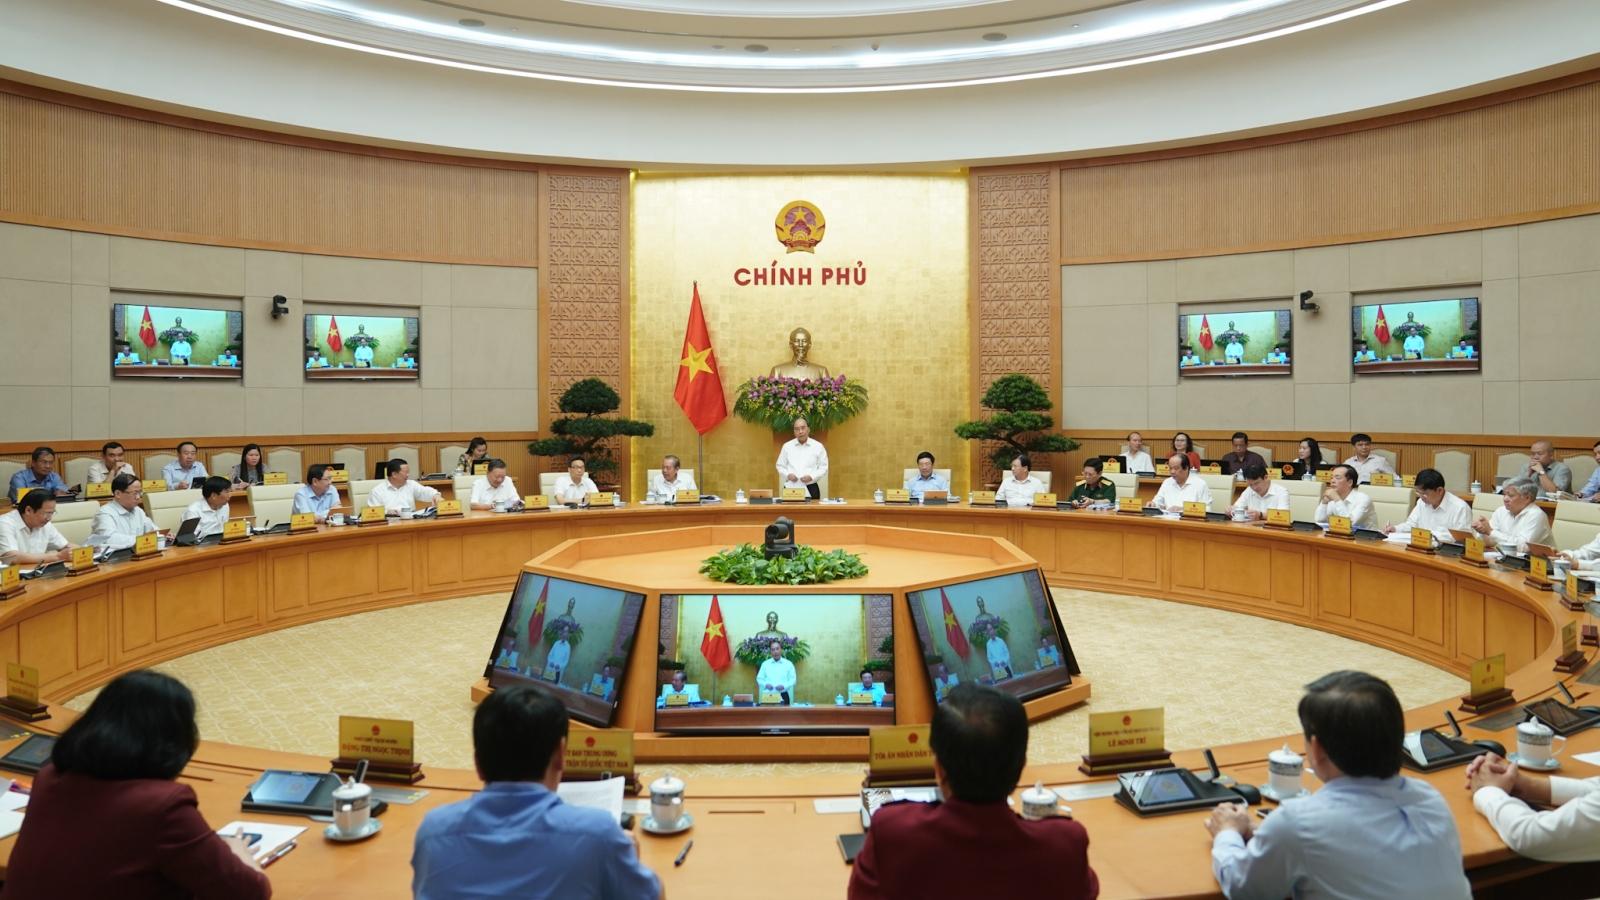 Danh sách các Bộ trưởng, Thứ trưởng trúng cử Ban Chấp hành Trung ương Đảng khóa XIII